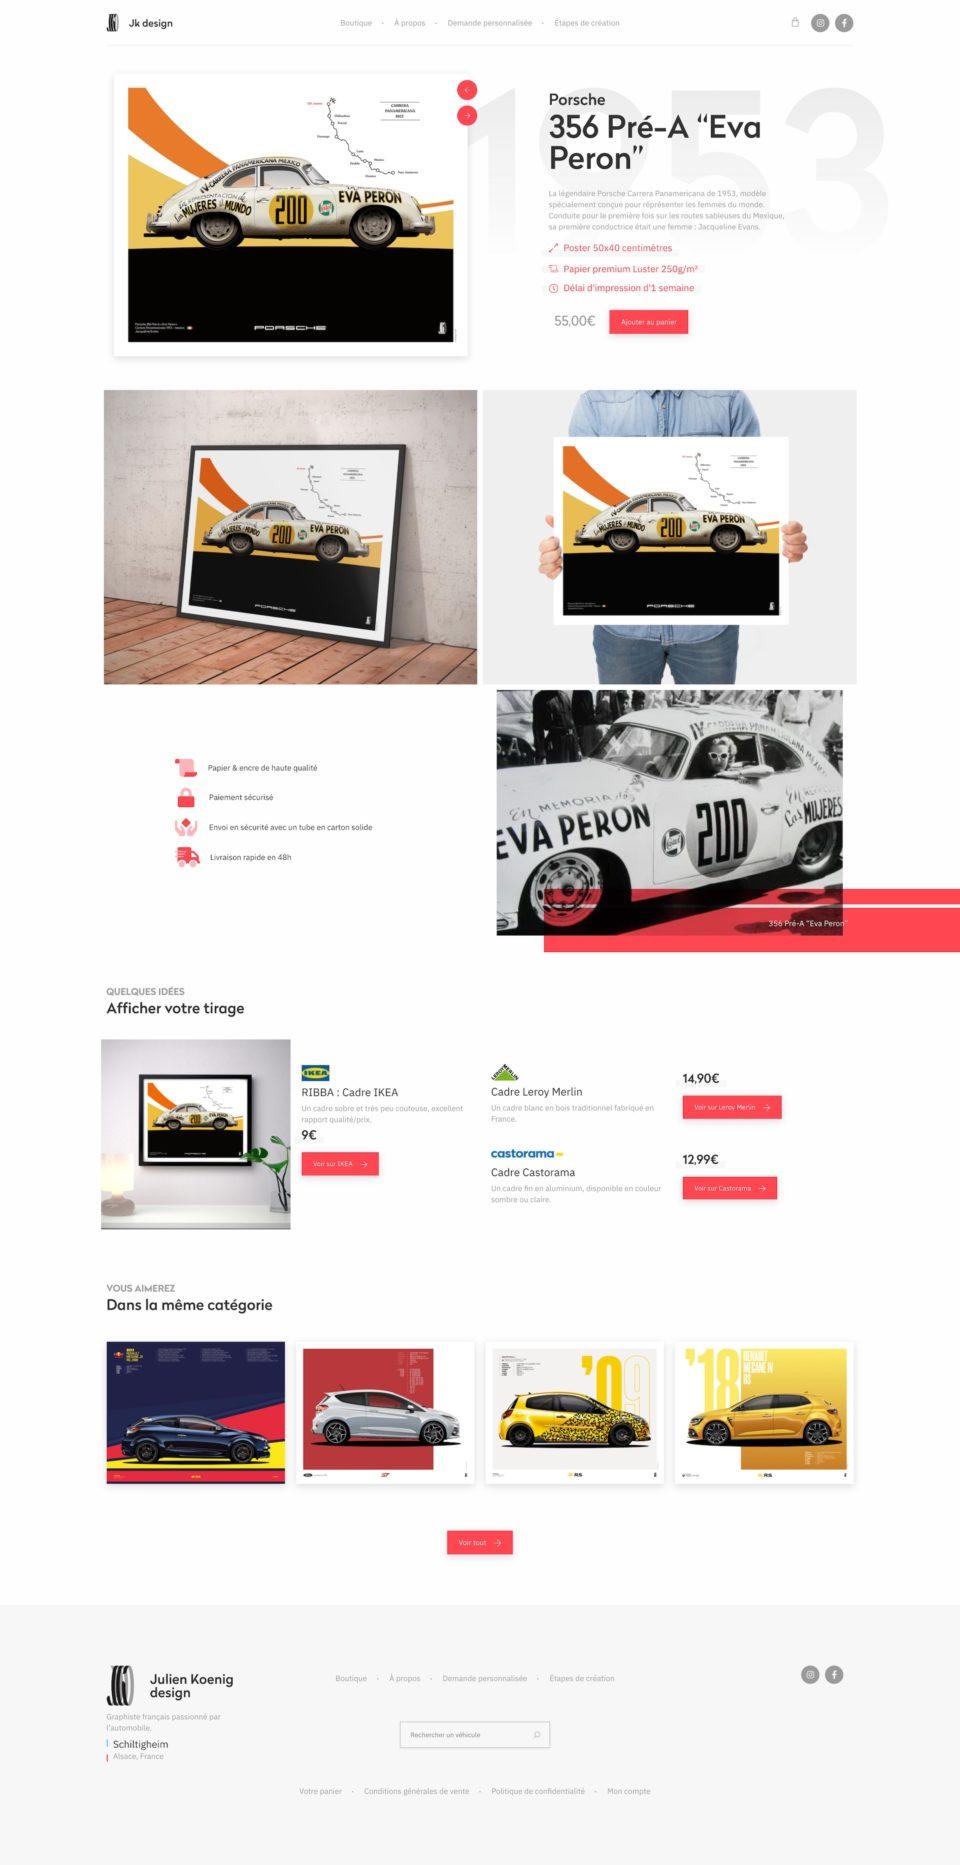 jk-design-page-produit